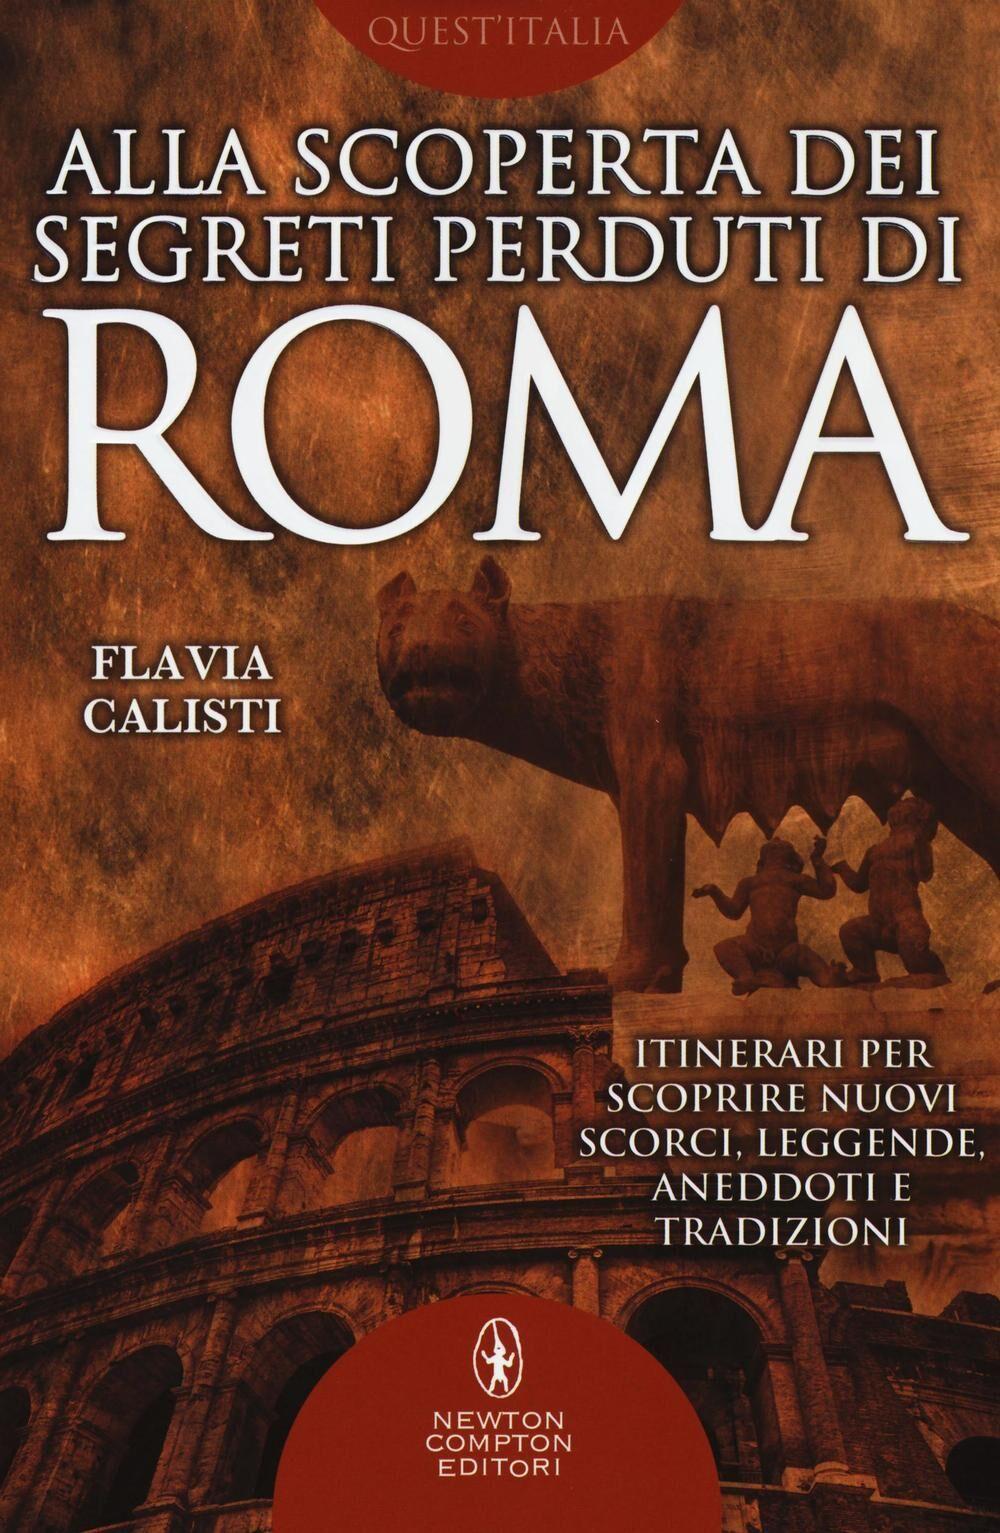 Alla scoperta dei segreti perduti di Roma. Itinerari per scoprire nuovi scorci, leggende, aneddoti e tradizioni